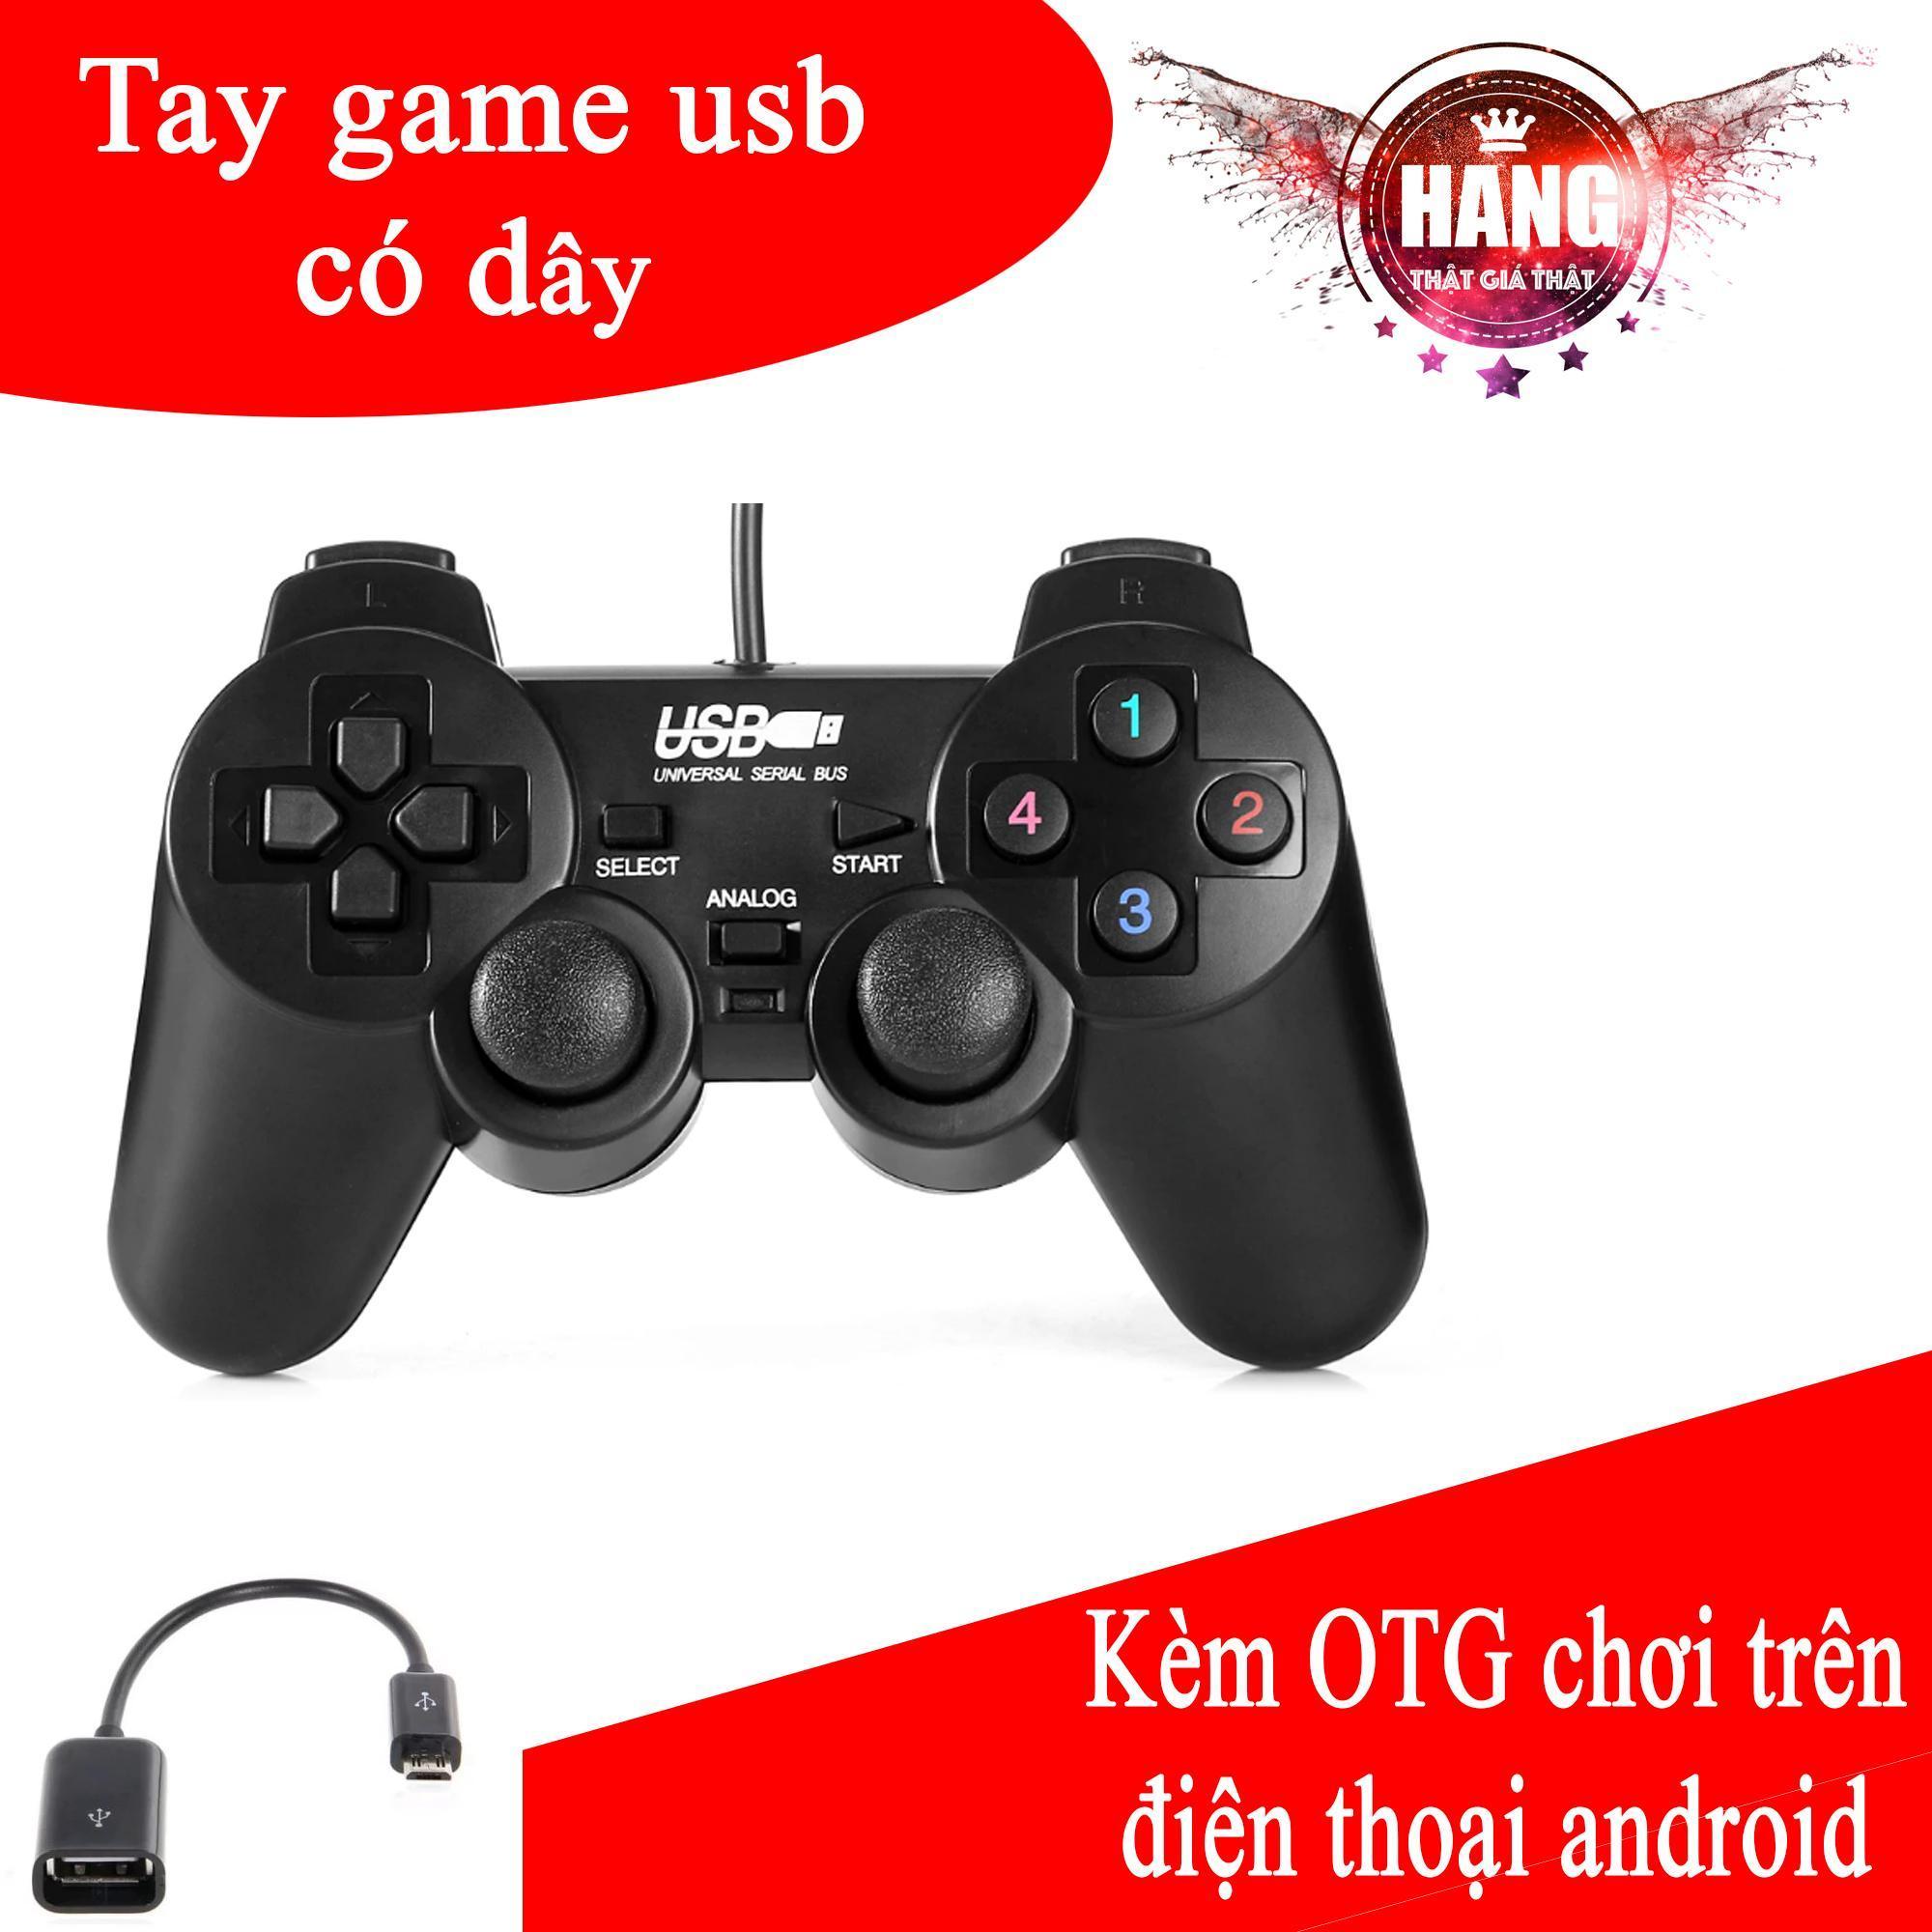 Siêu Tiết Kiệm Khi Mua Tay Cầm Chơi Game Có Rung Cho PC, Laptop Có 2 Joystick + OTG Android (Đen)